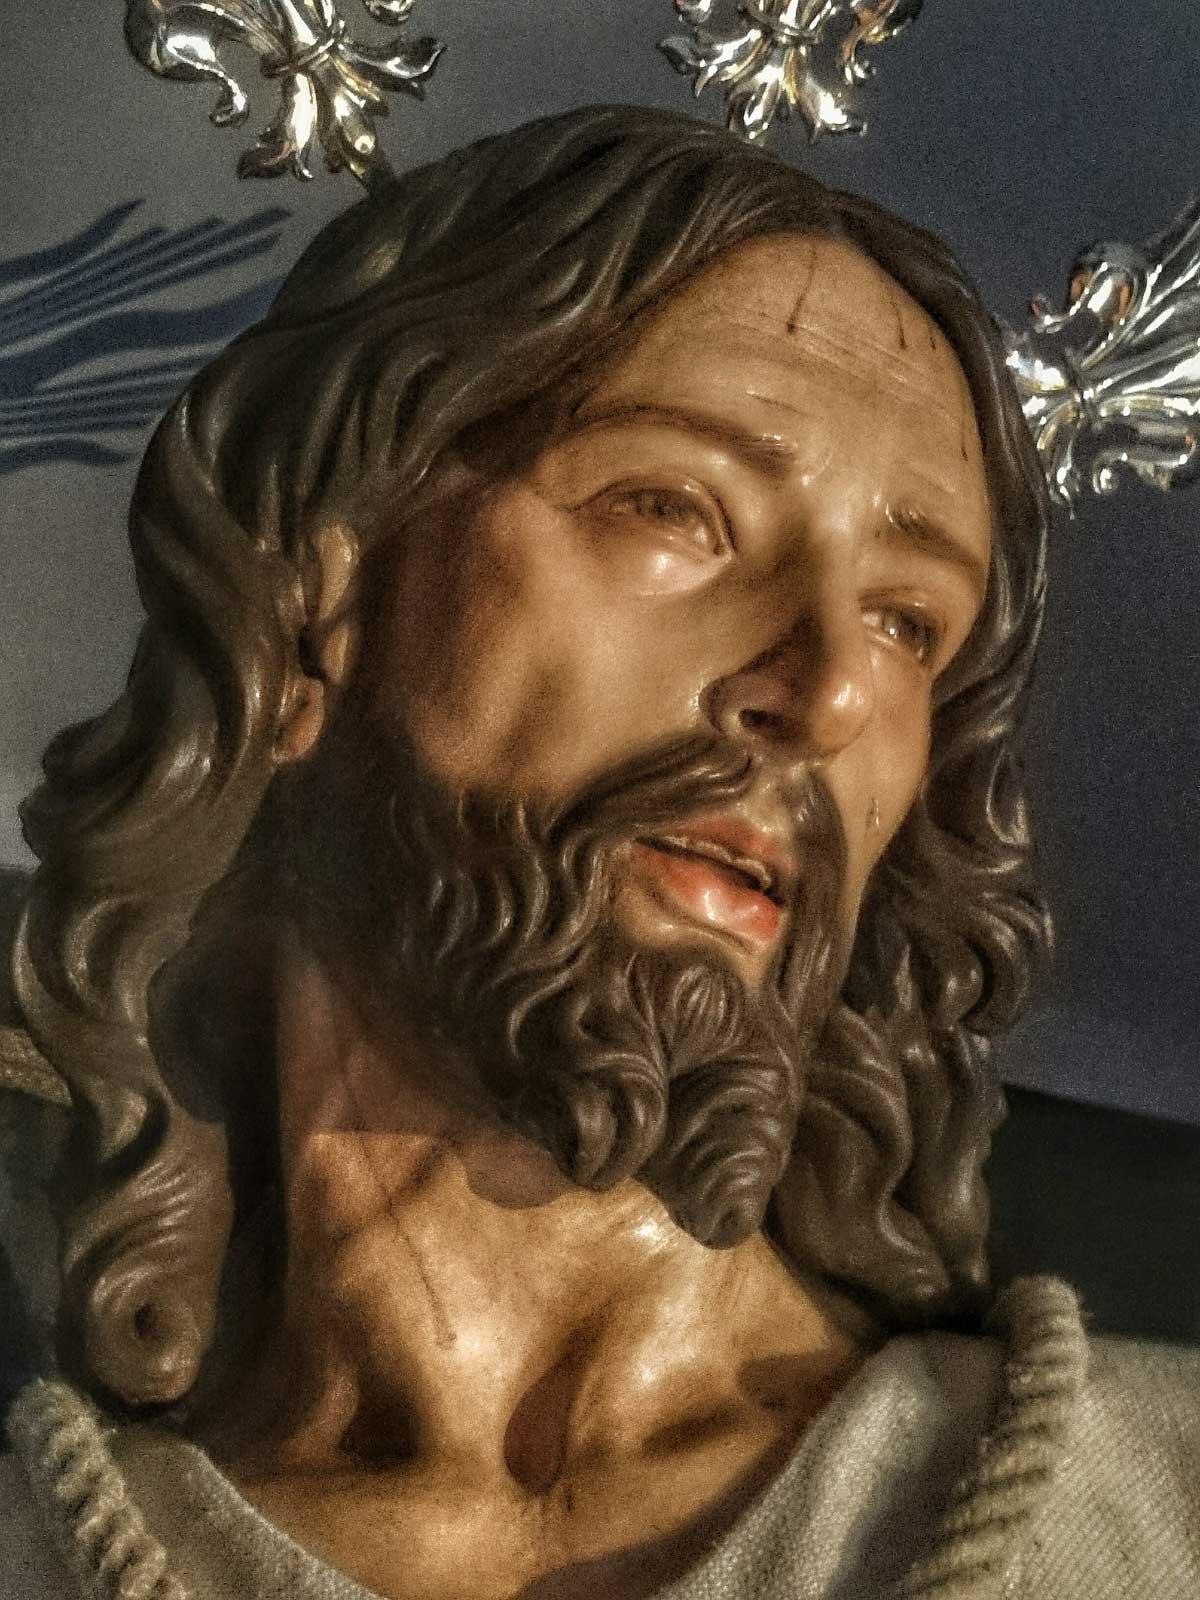 busto-en-barro-cristo-de-la-esperanza-devocion-particular-1